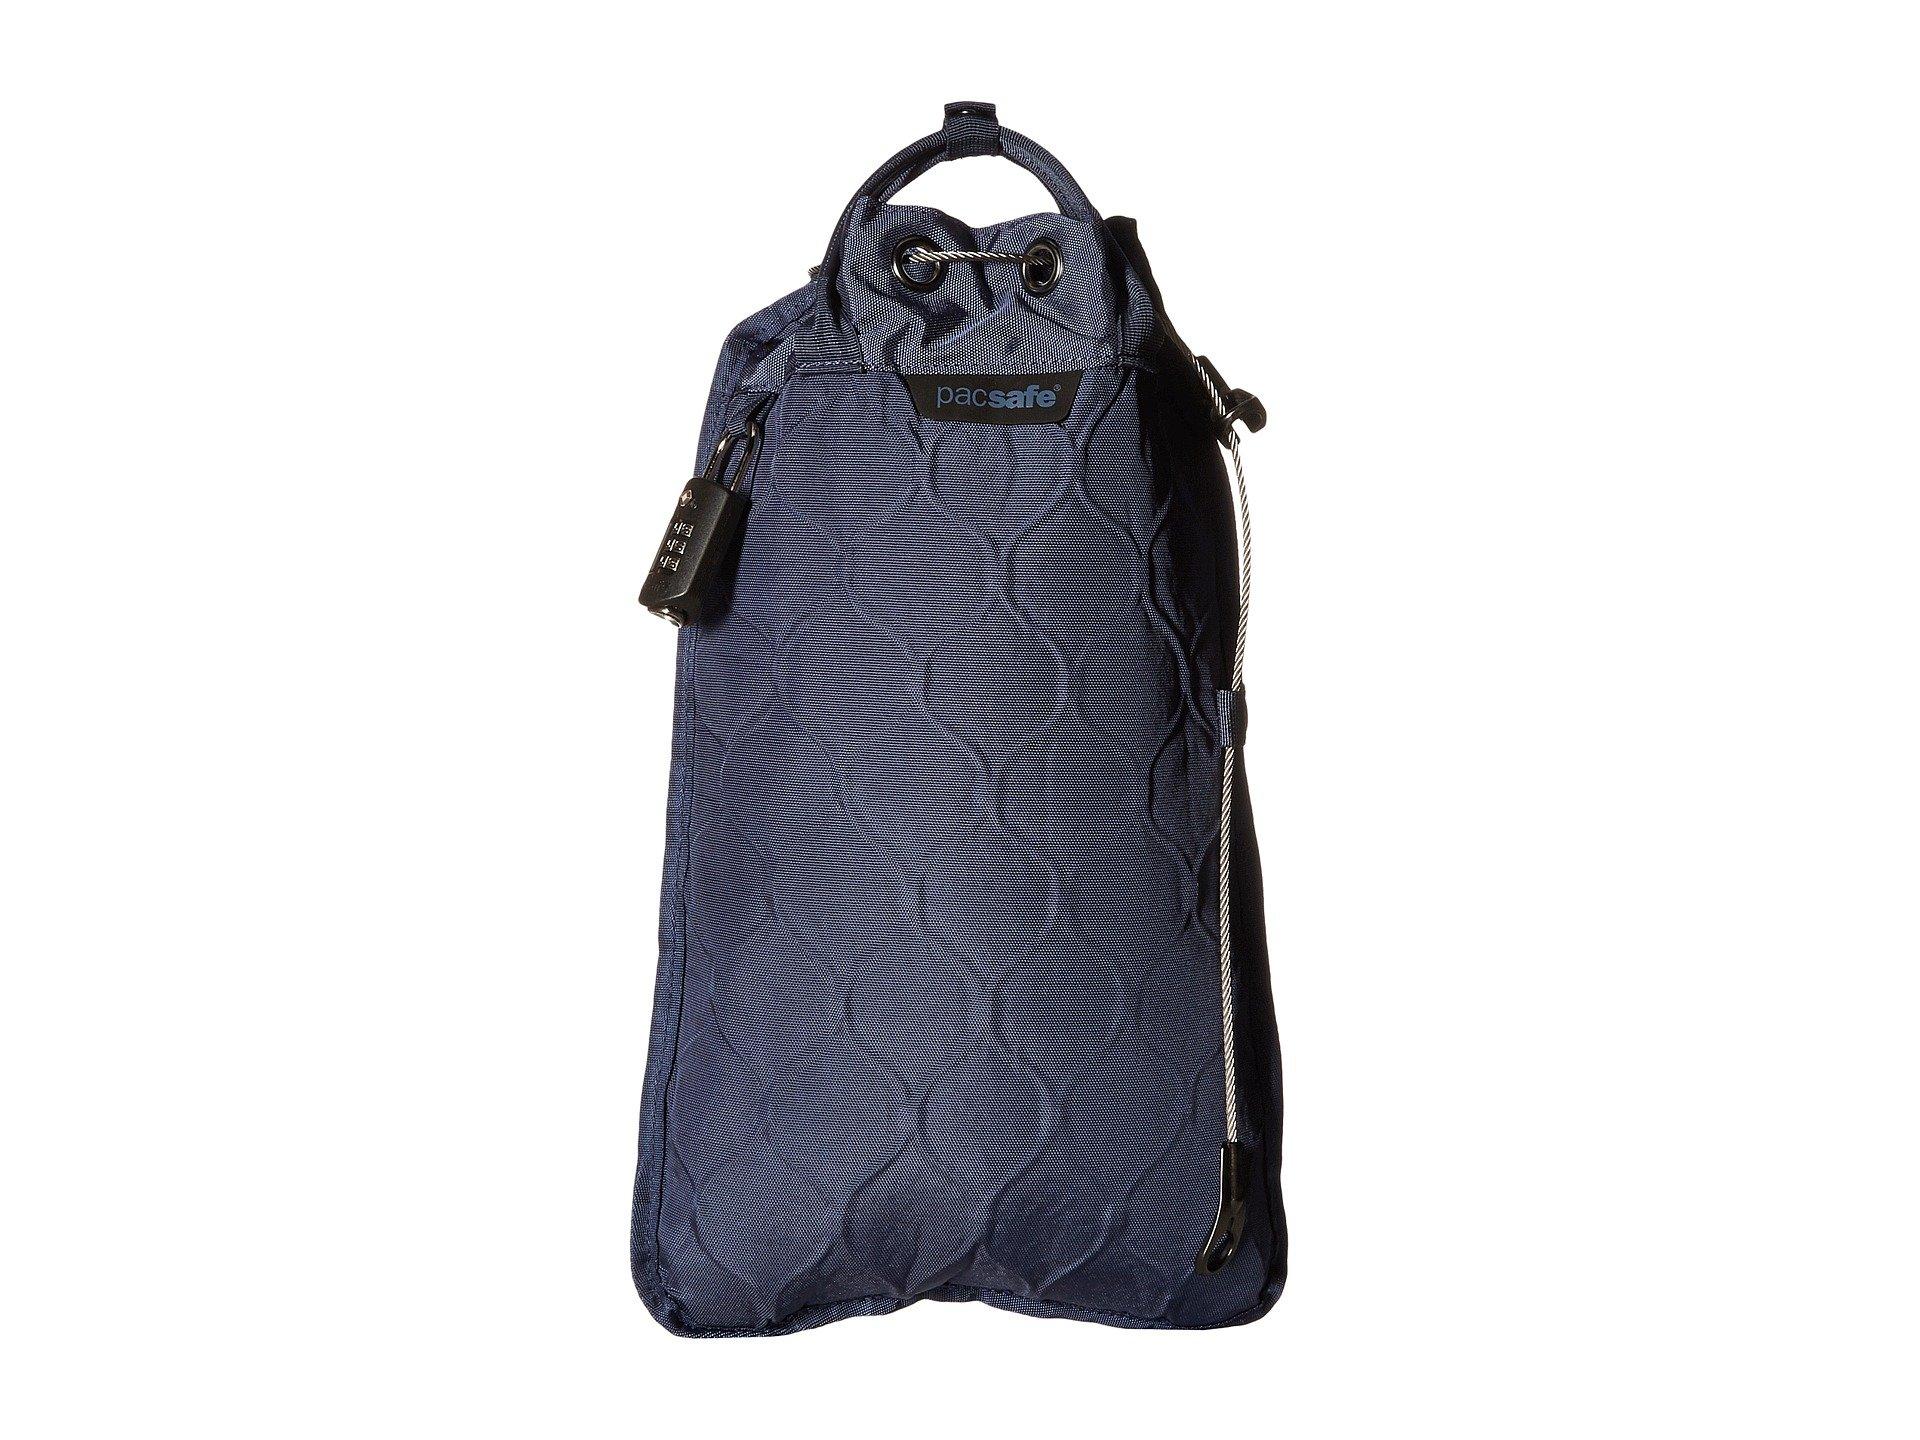 5l Travelsafe Portable Anti Safe Pacsafe theft Storm Gii AUCqWxPw